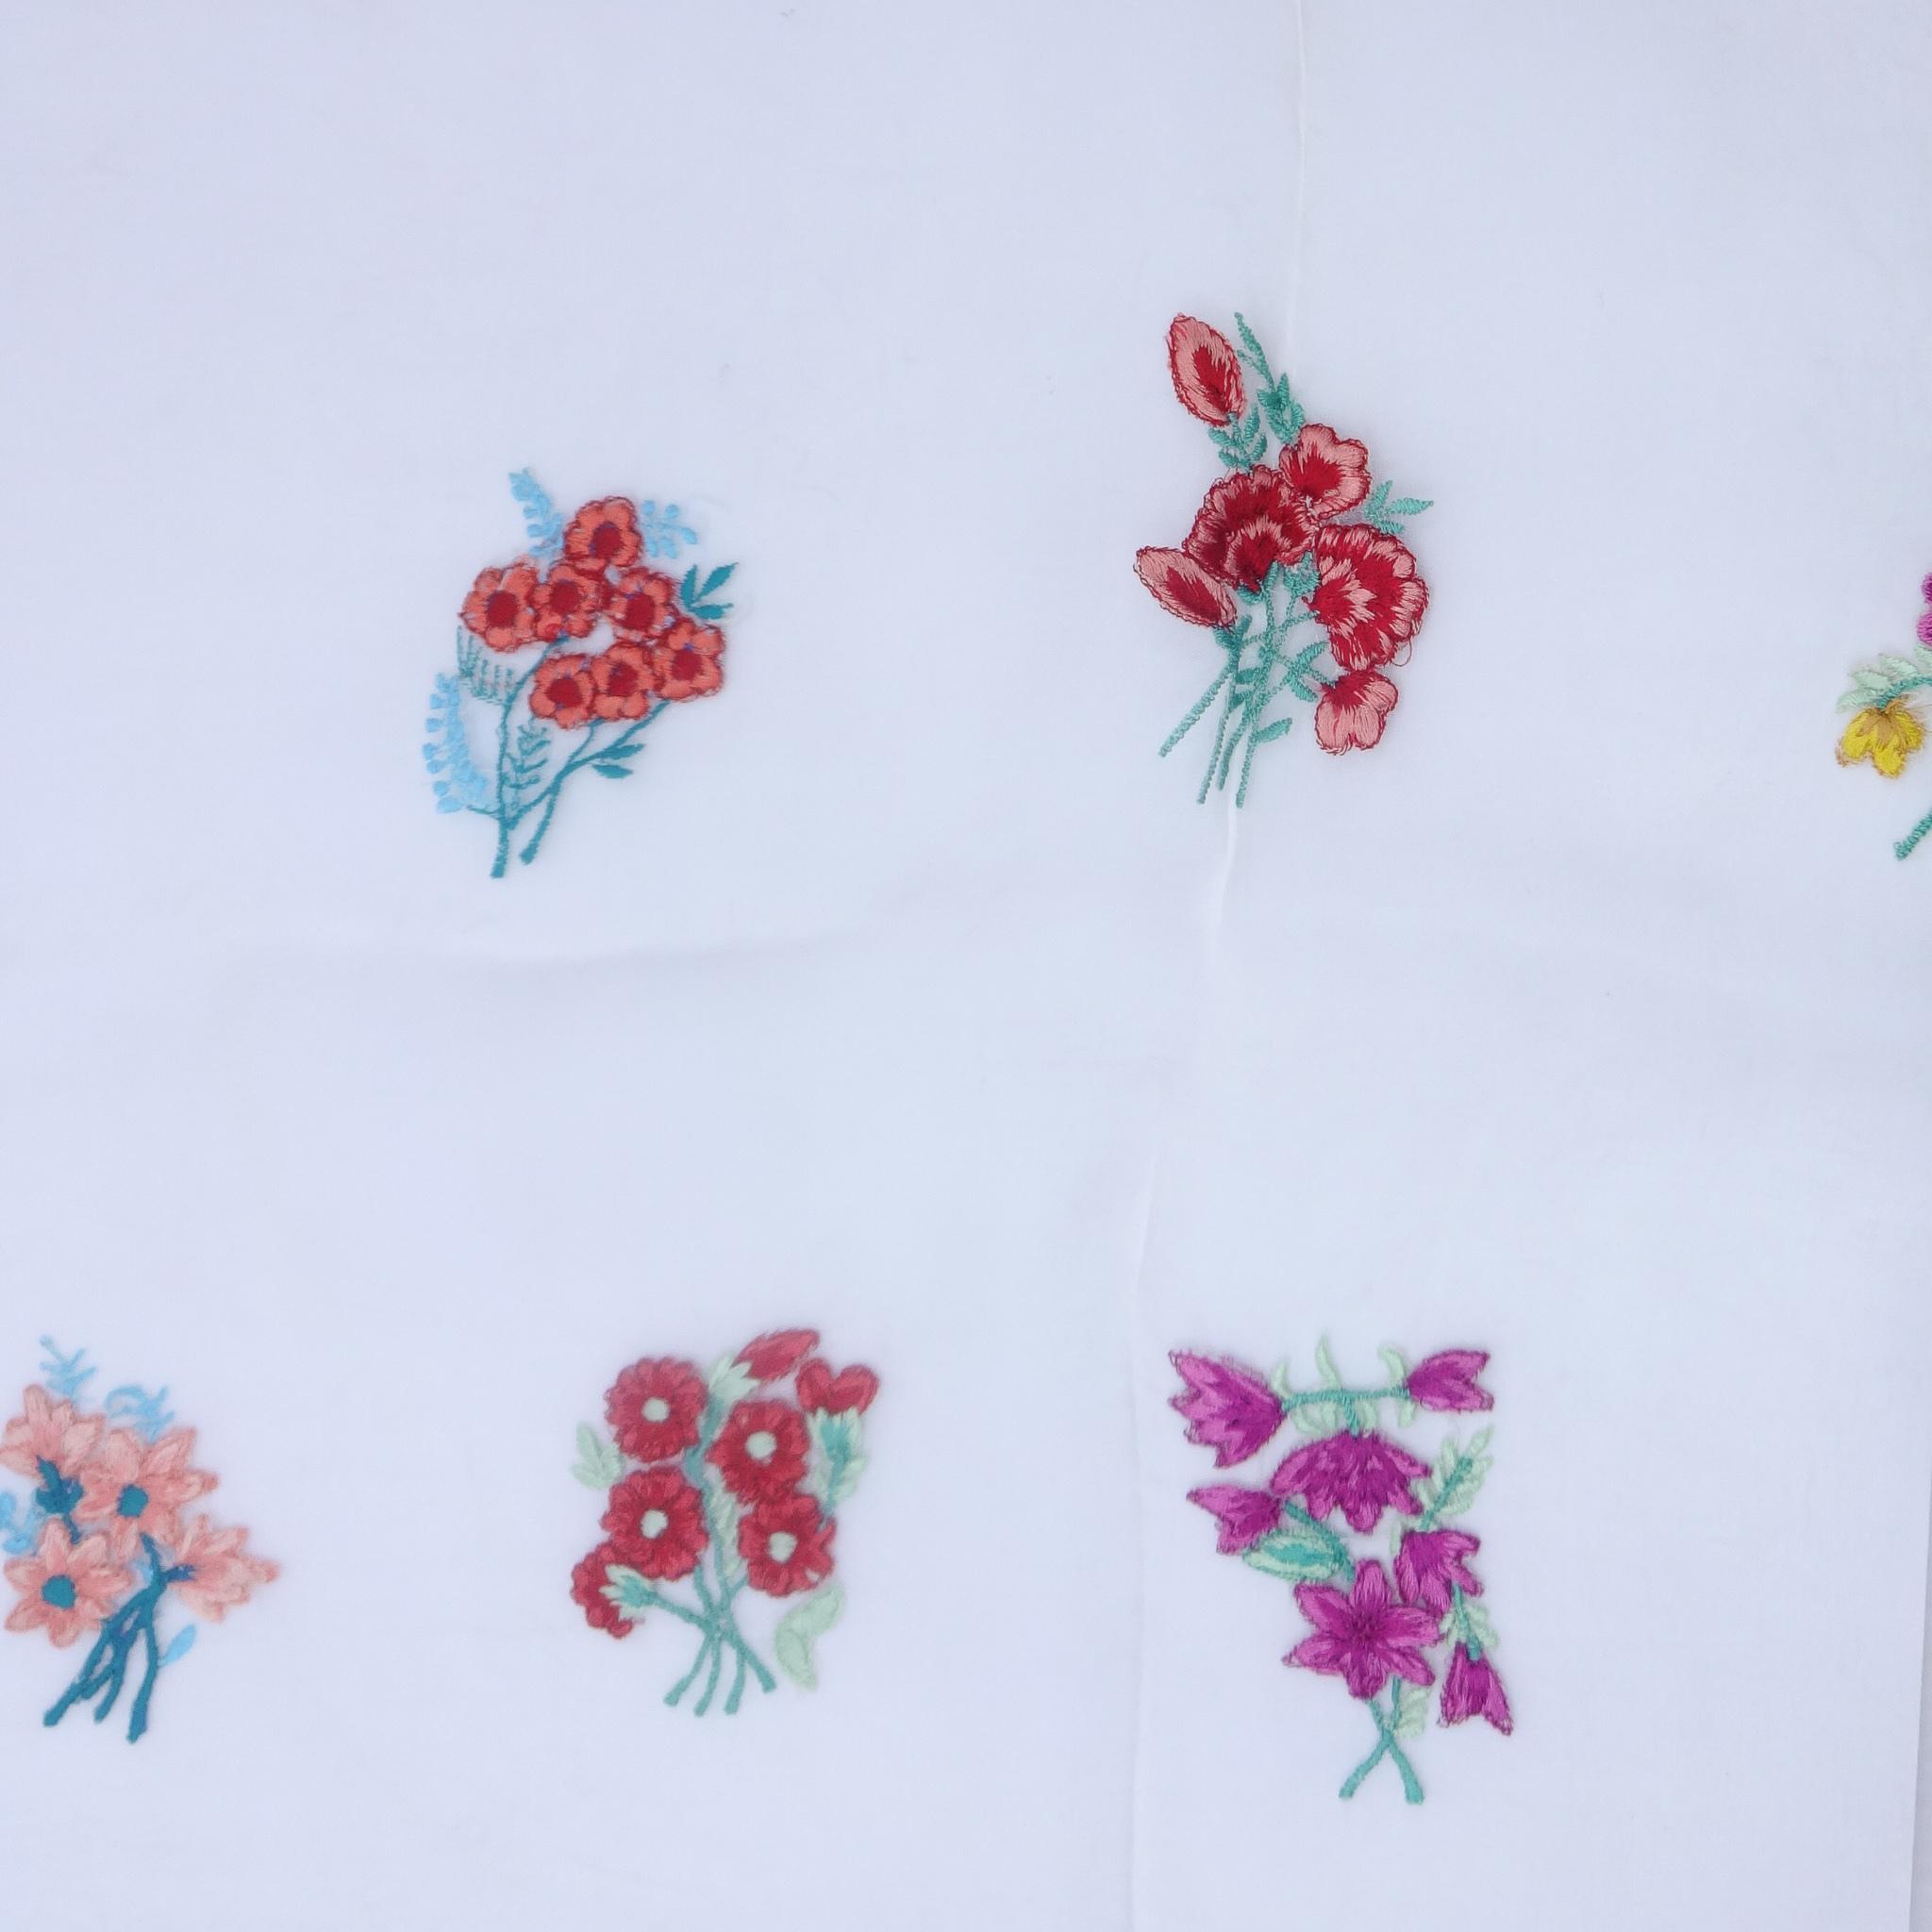 スカーフ シルク ホワイト レッド ブルー フラワー 刺繍 150136